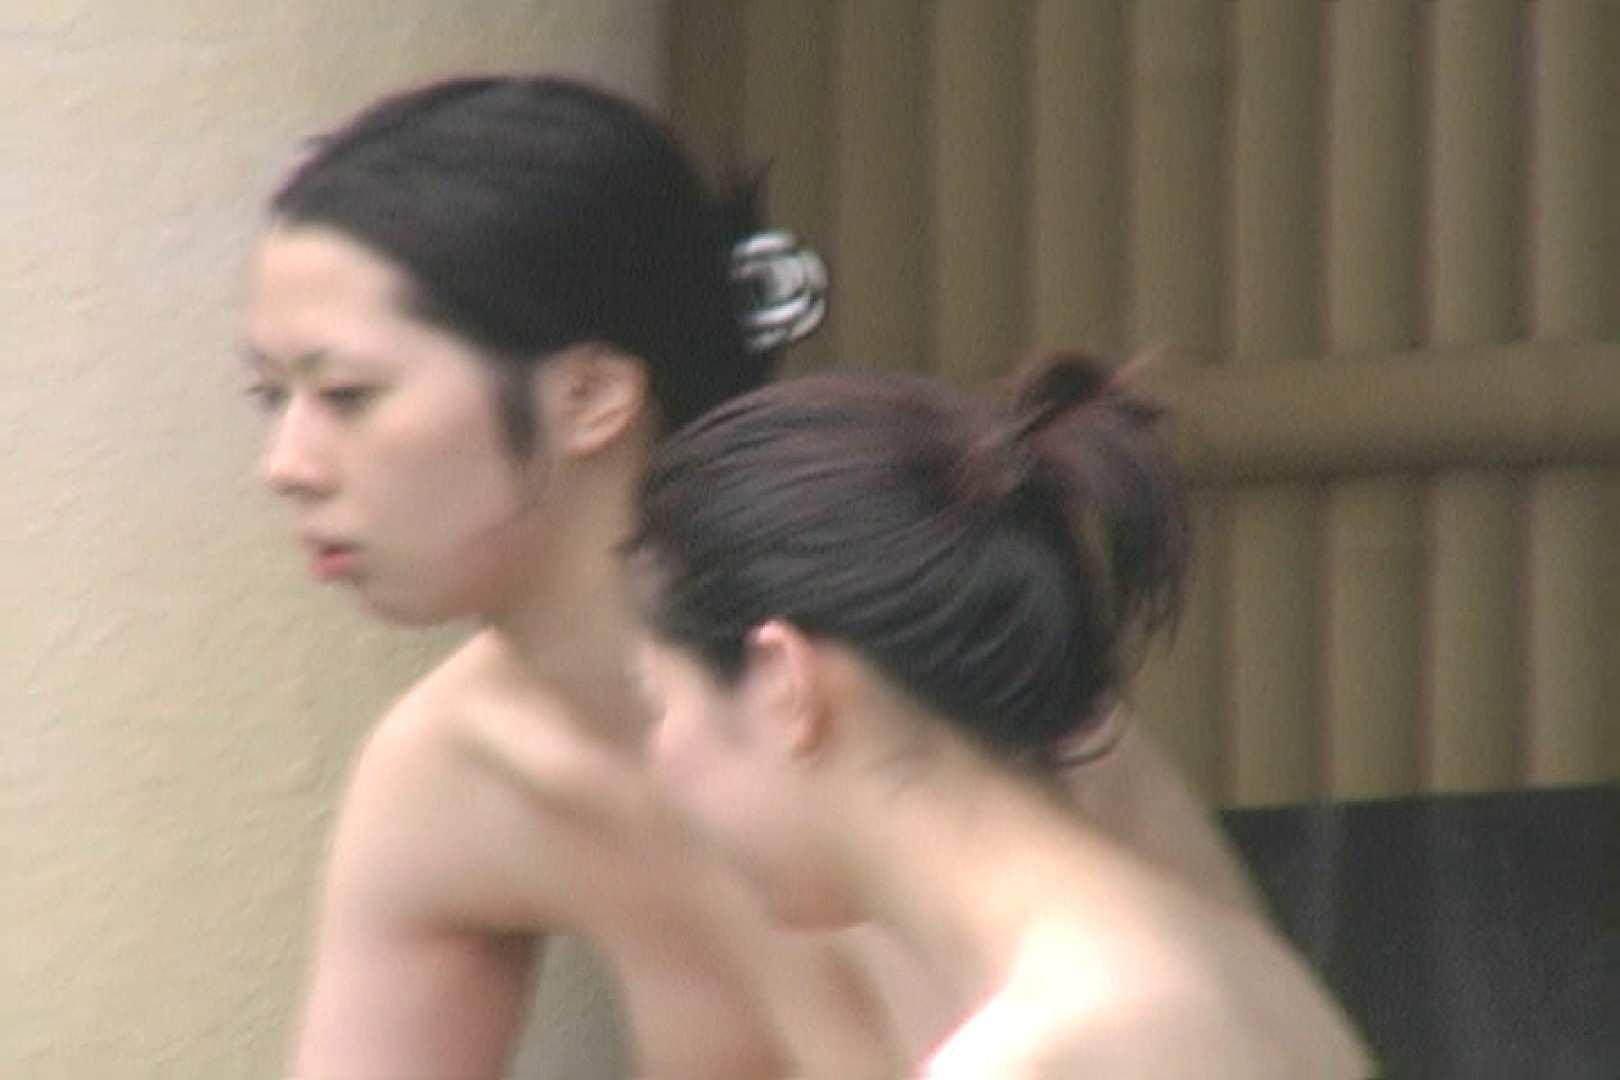 Aquaな露天風呂Vol.641 盗撮シリーズ  112PIX 14